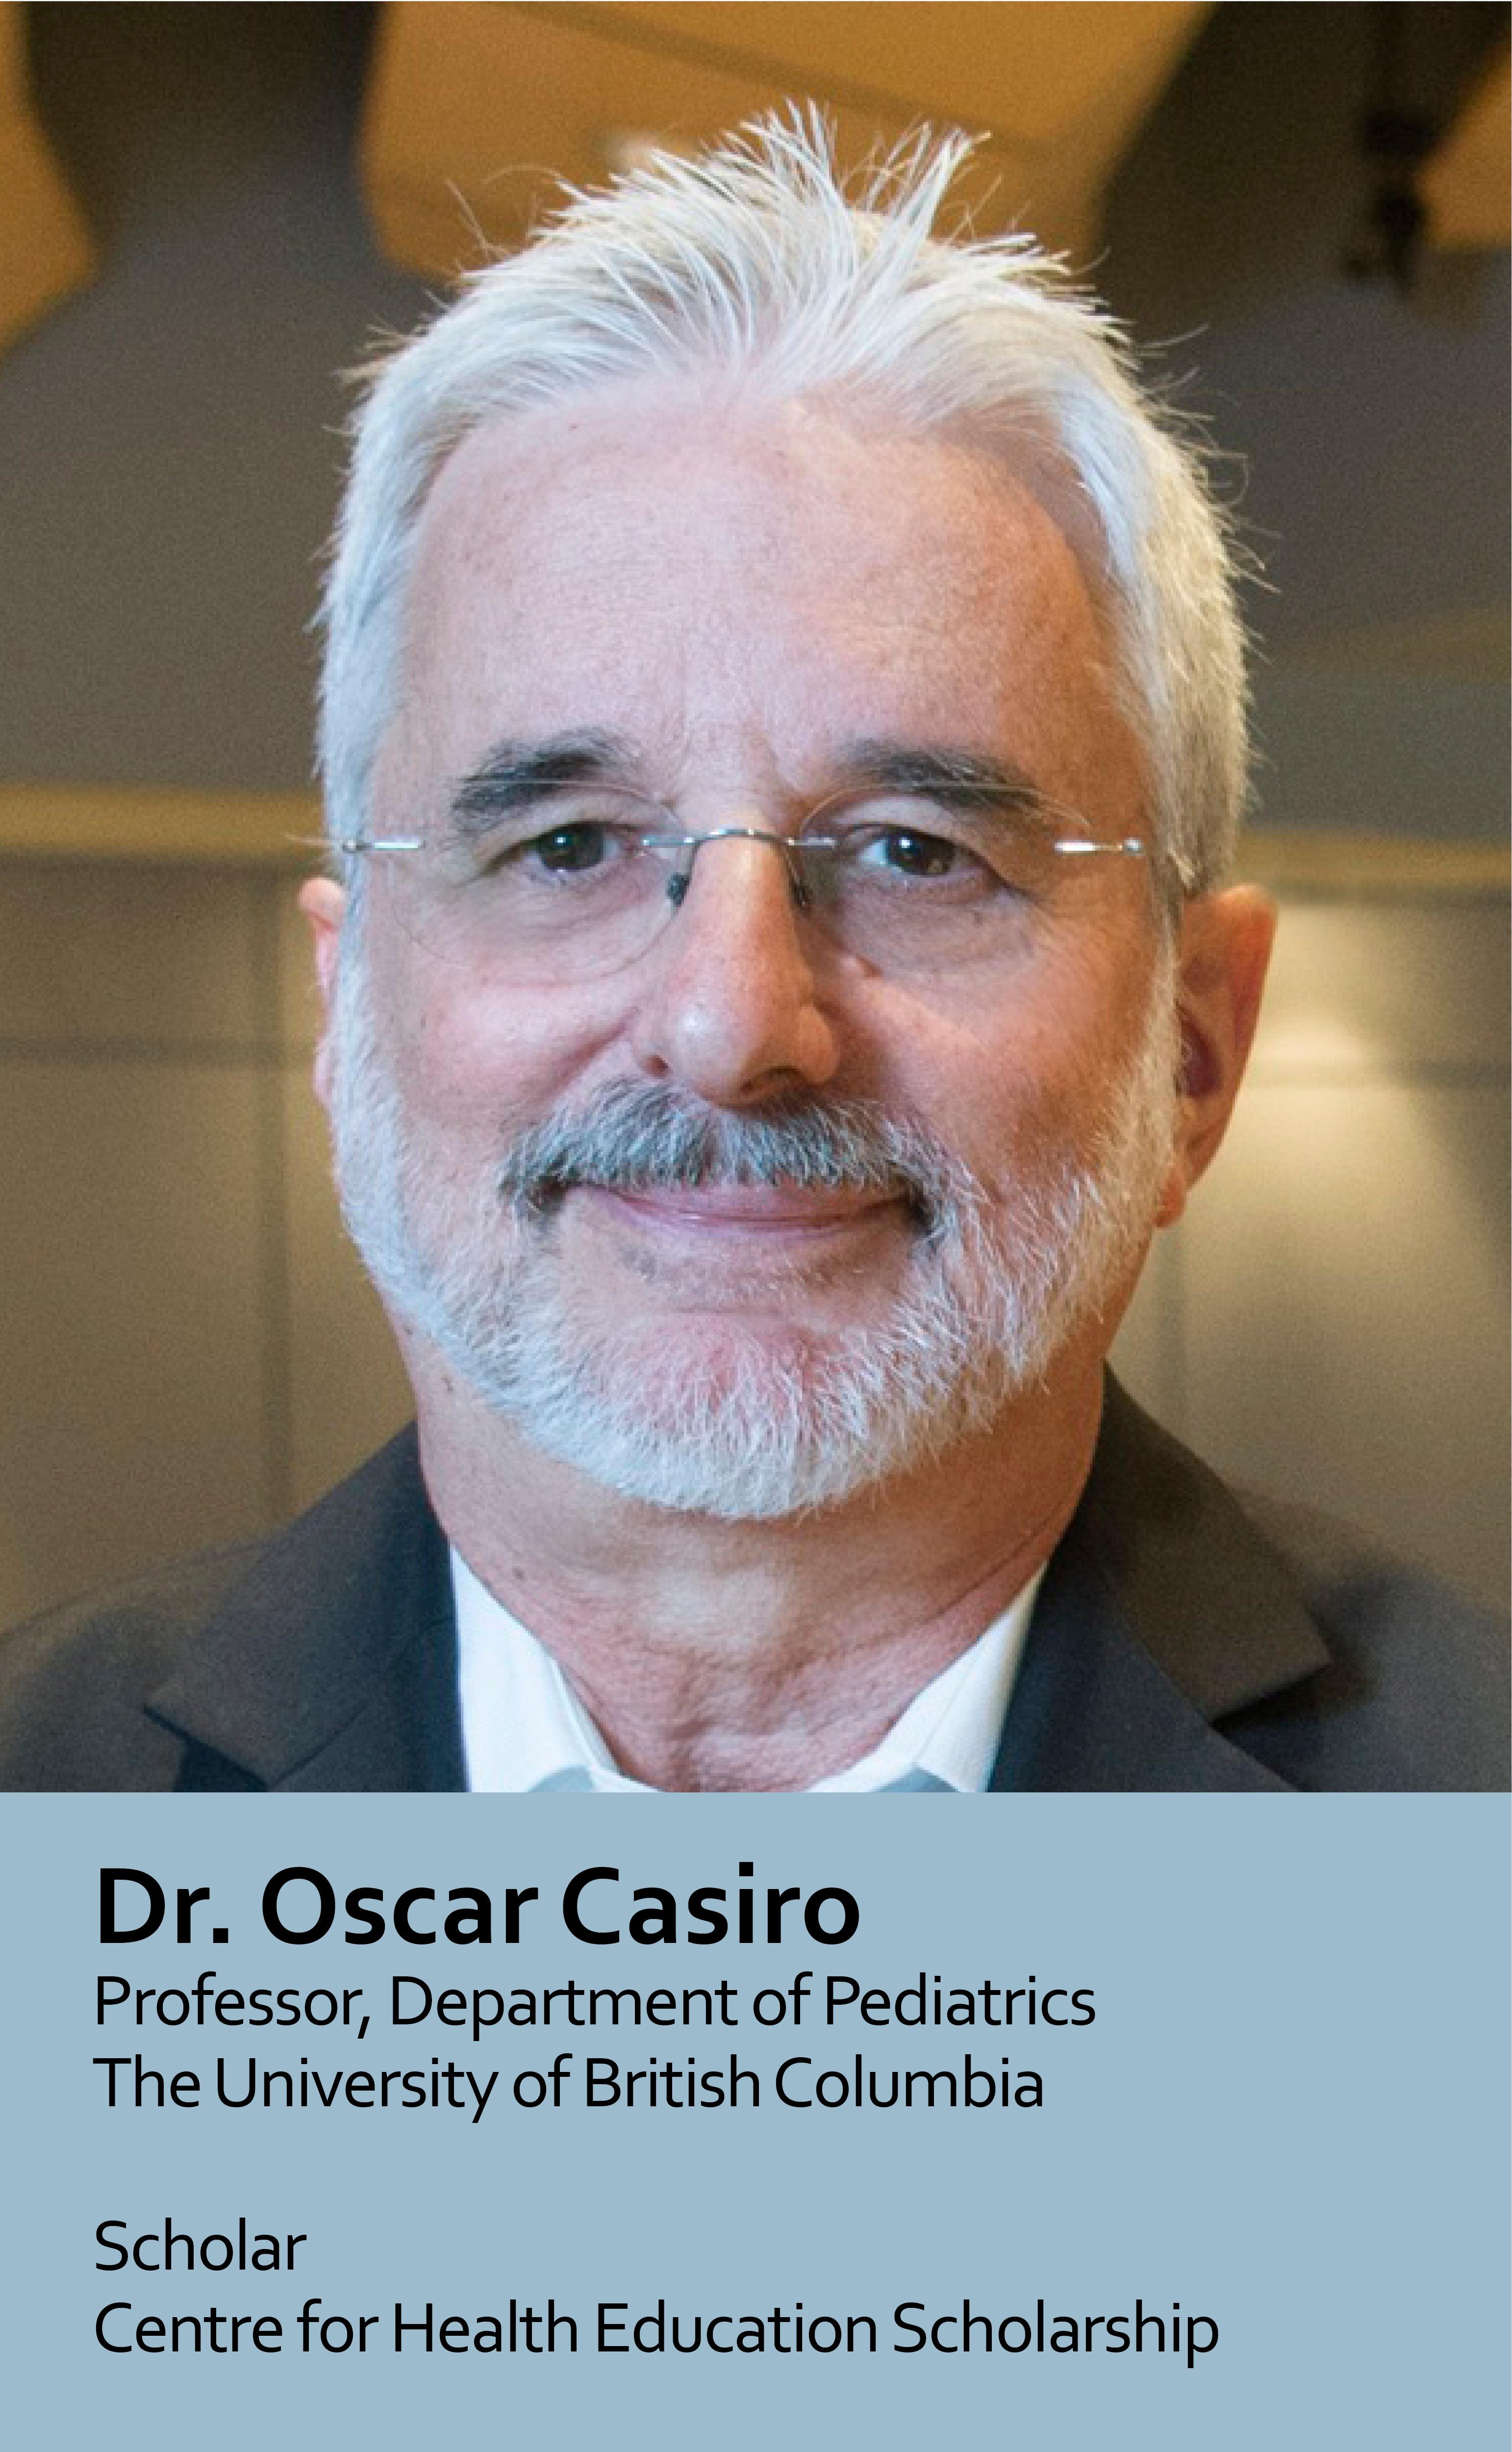 Oscar Casiro